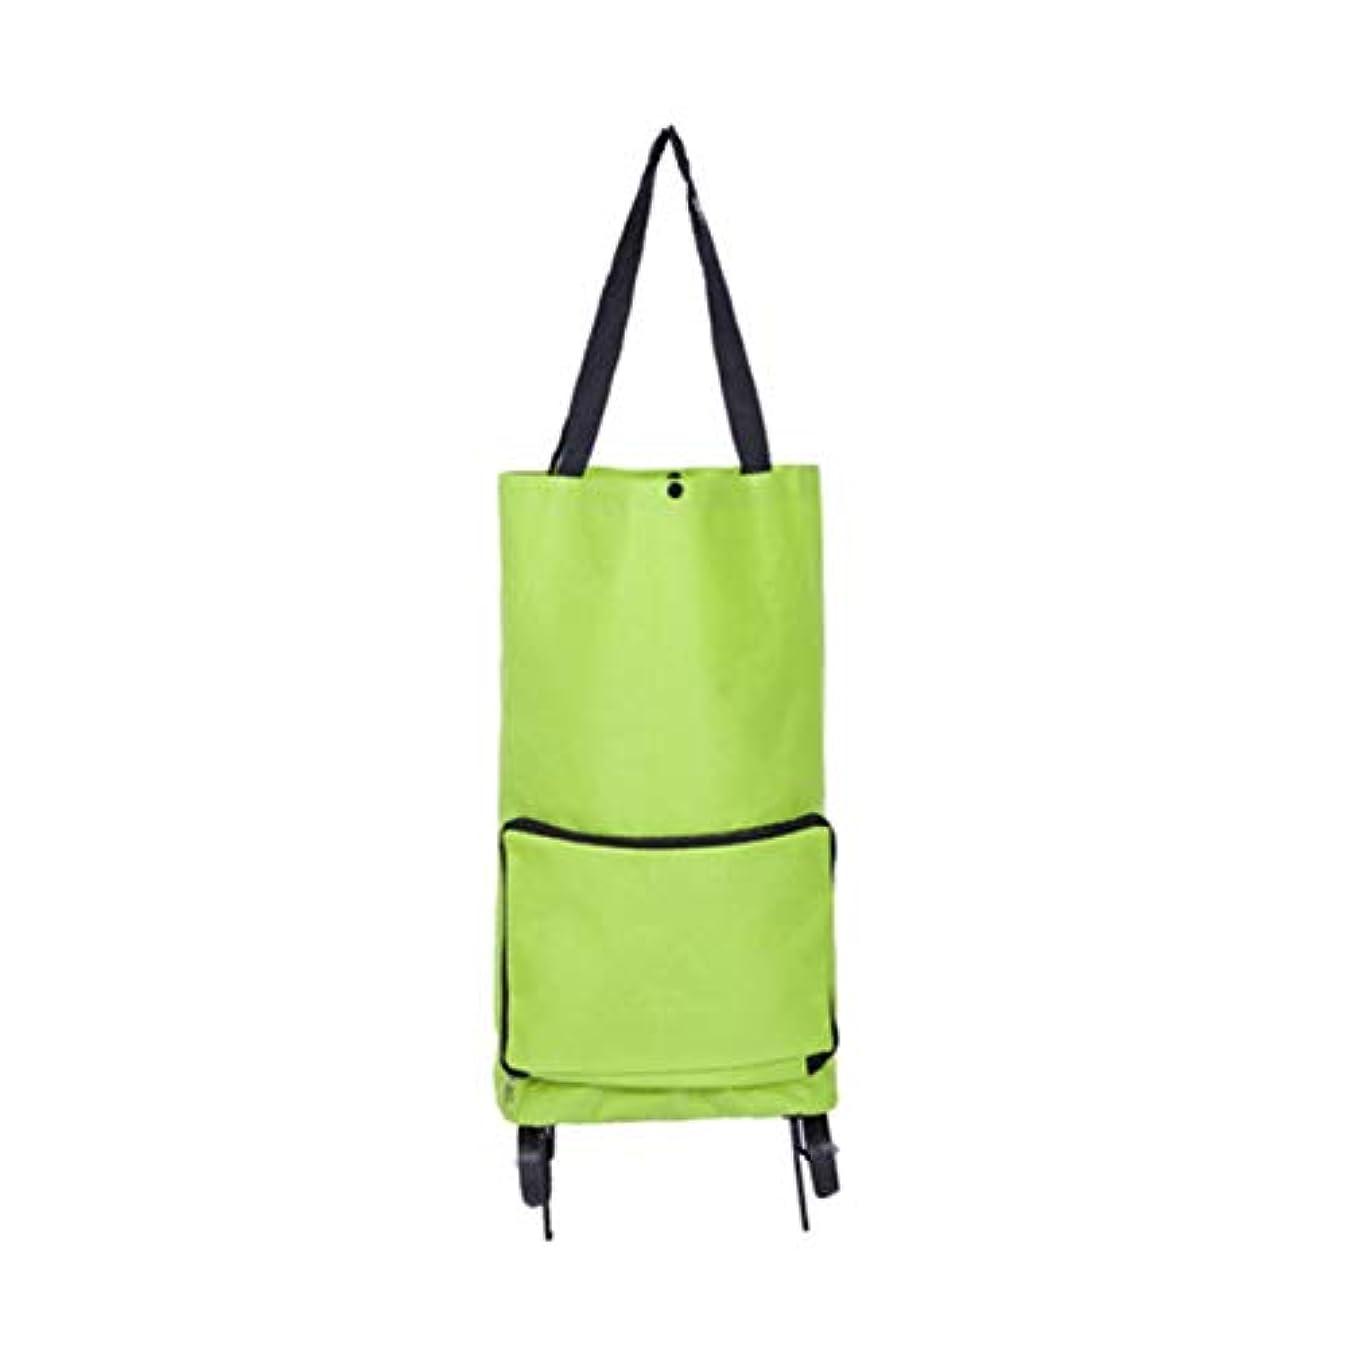 誤キャンベラ遠えSaikogoods 多機能防水オックスフォード布折り畳み式SupermarkerショッピングトロリーホイールバッグTravalカート荷物バッグ 緑